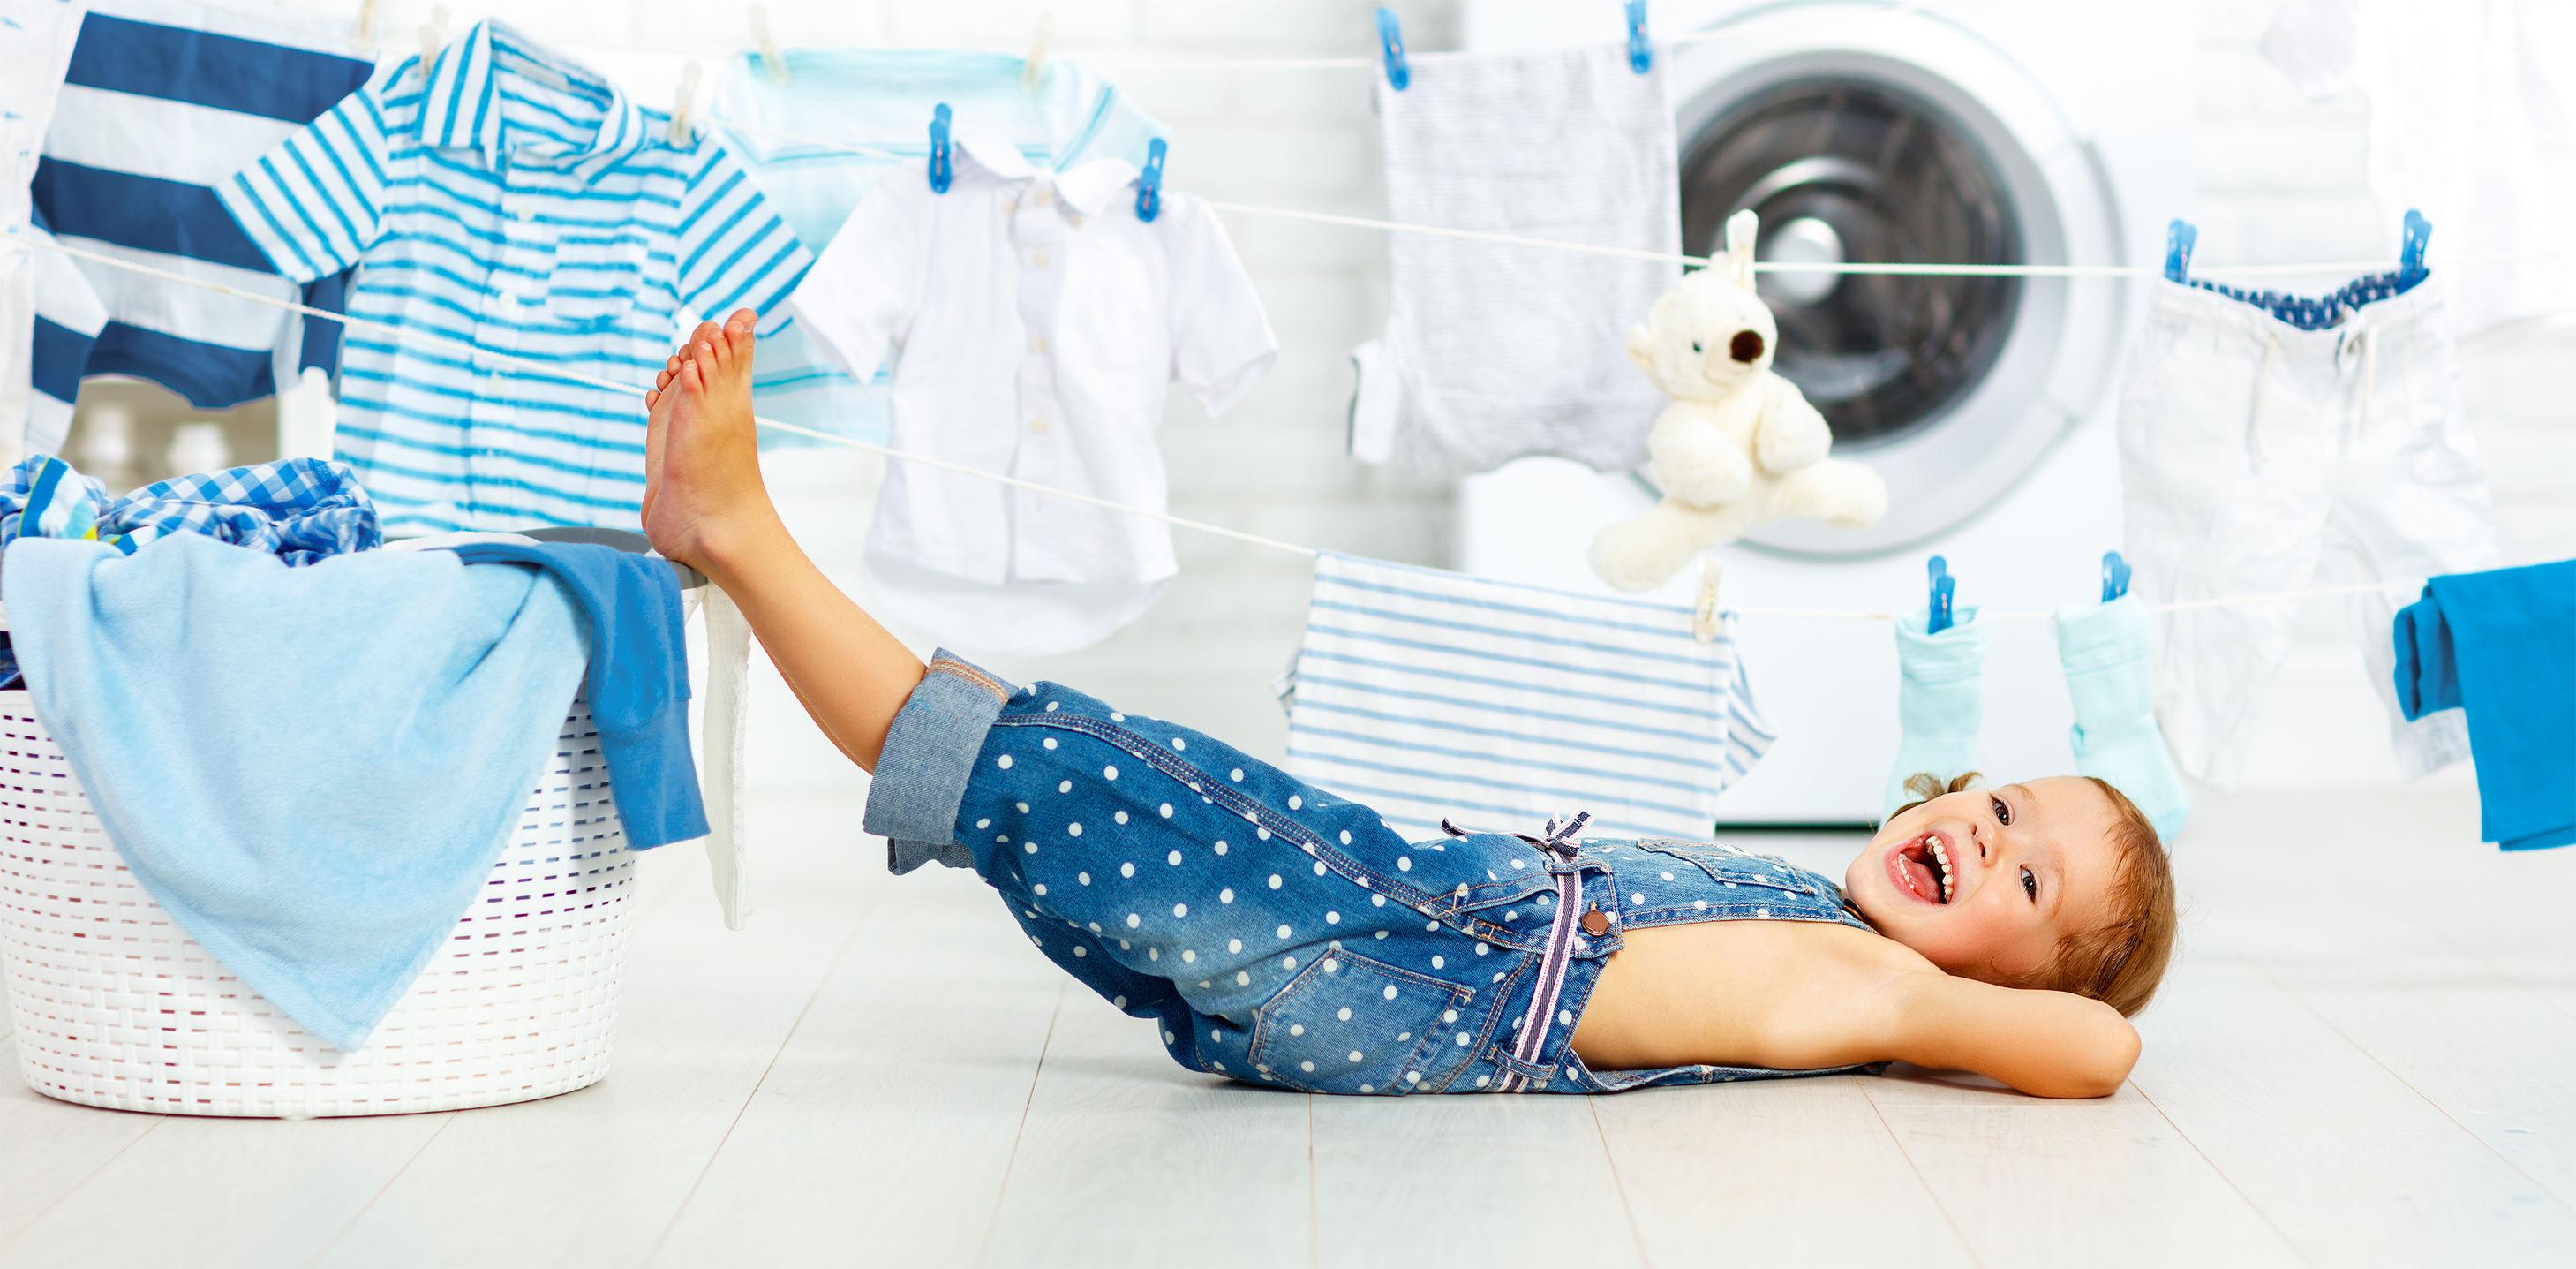 φροντίδα ρούχων